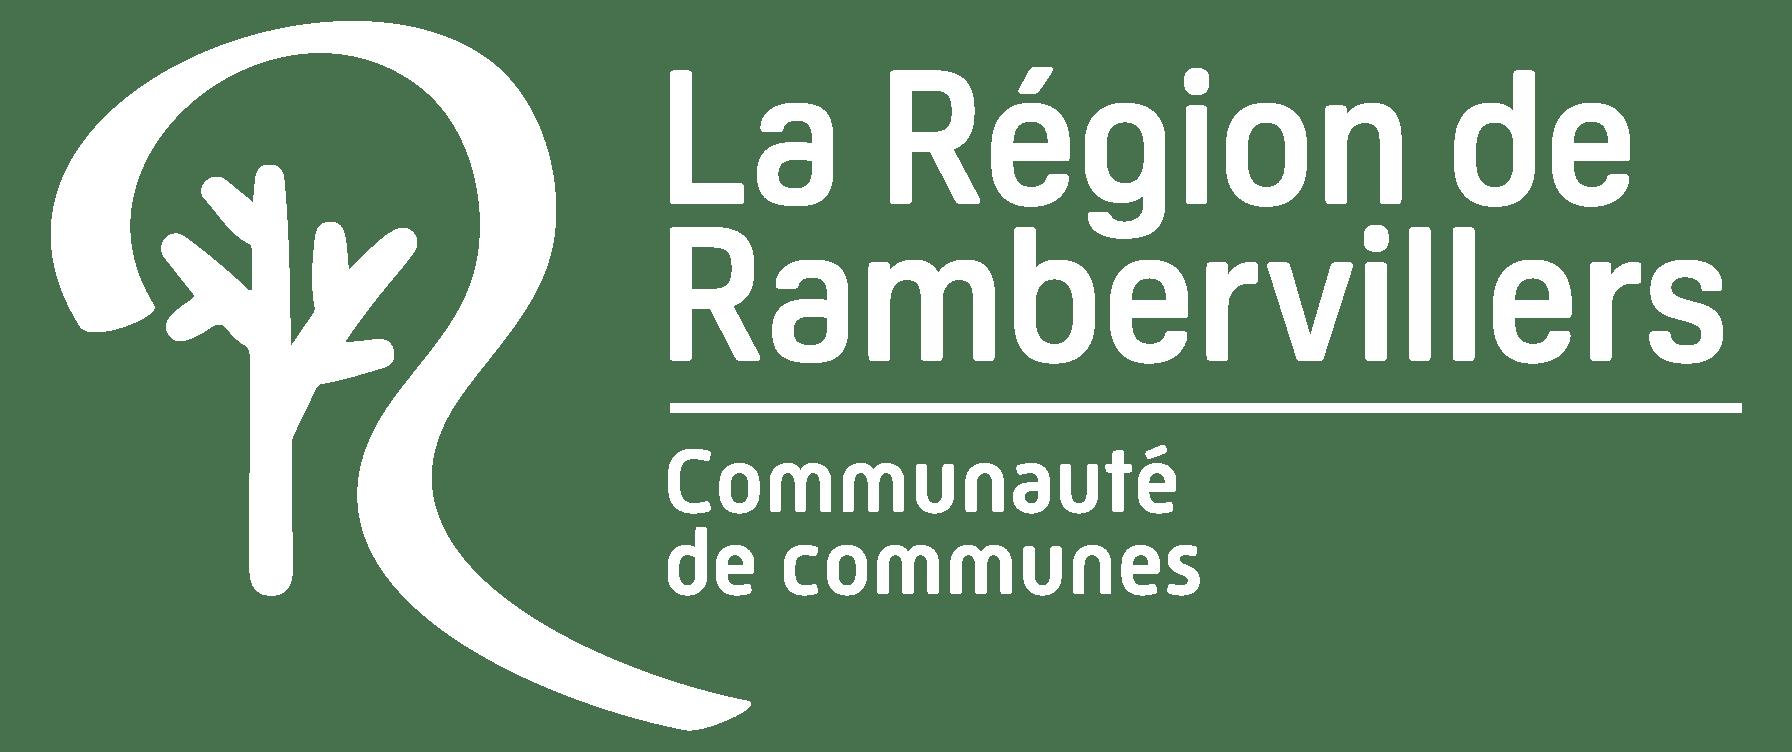 logo_rambervillers_communaute_de_commune-03